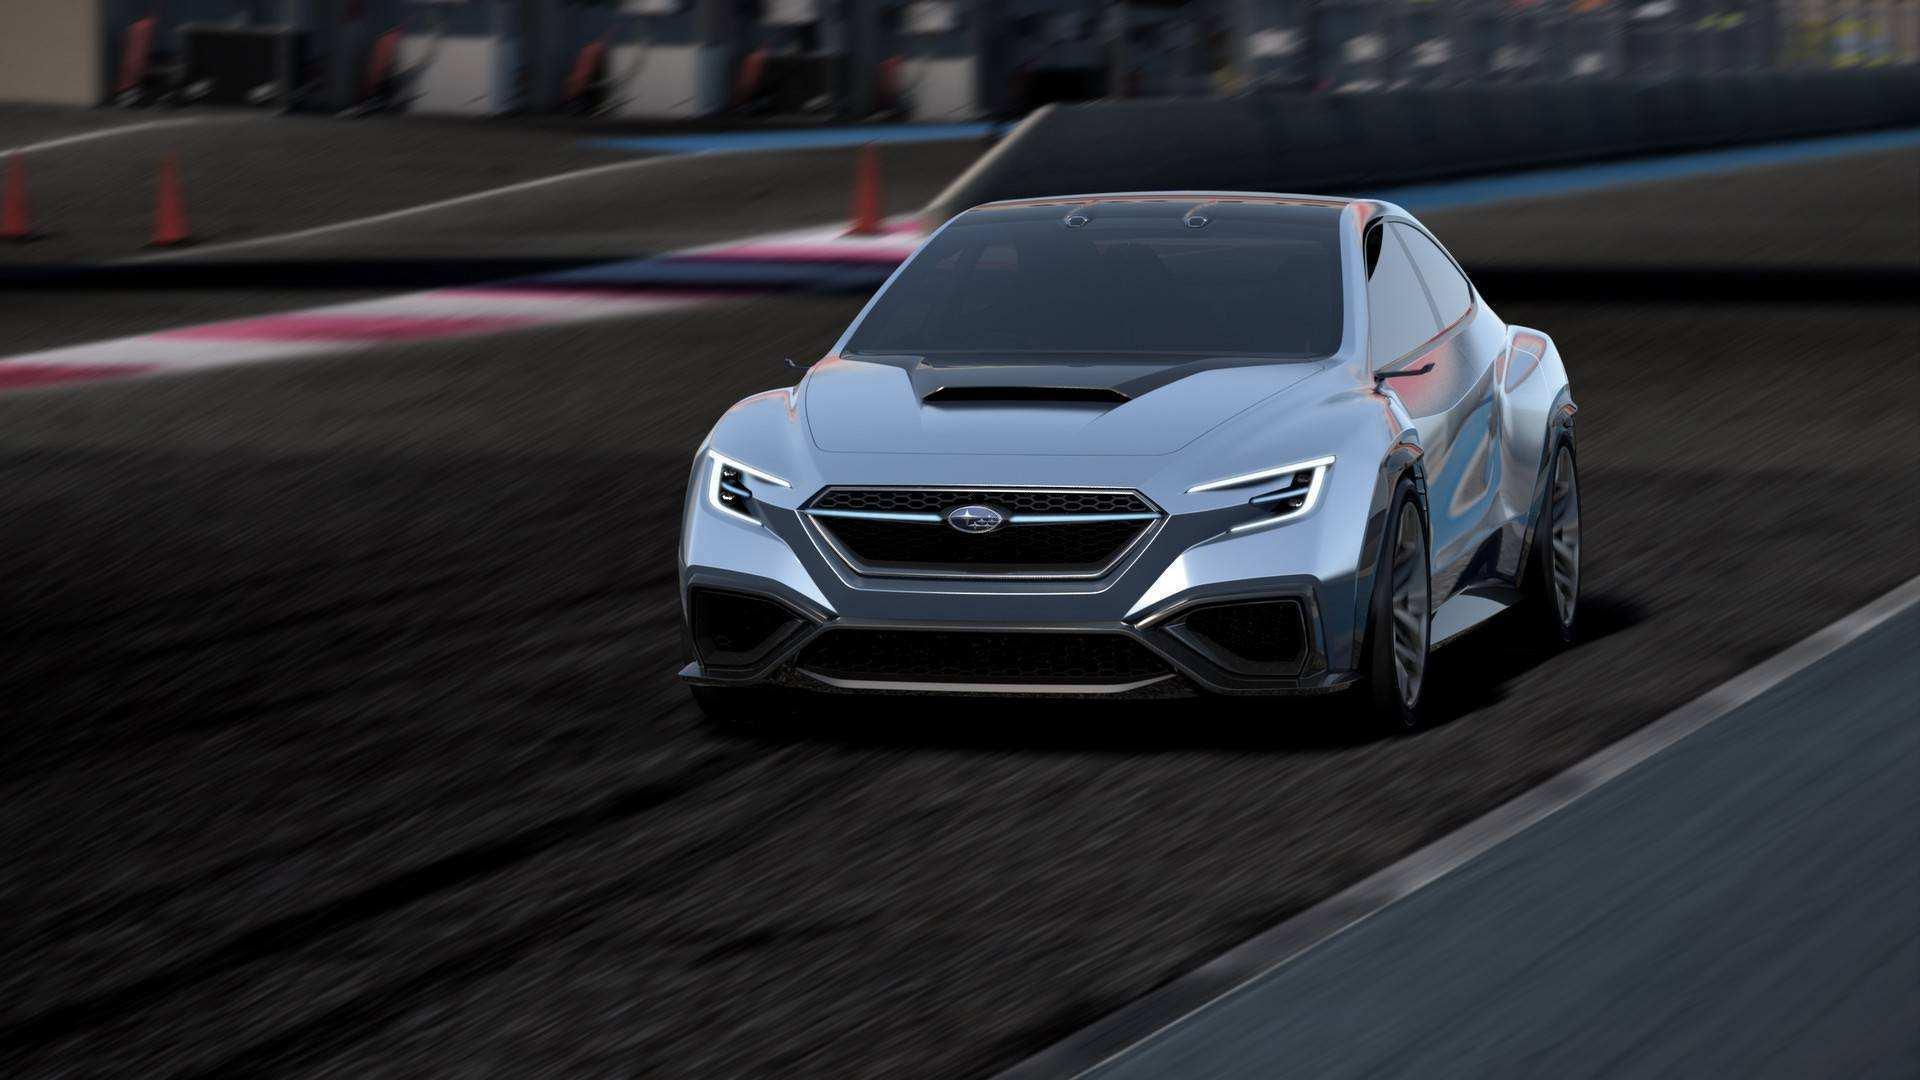 50 All New 2020 Subaru Viziv Price and Review with 2020 Subaru Viziv